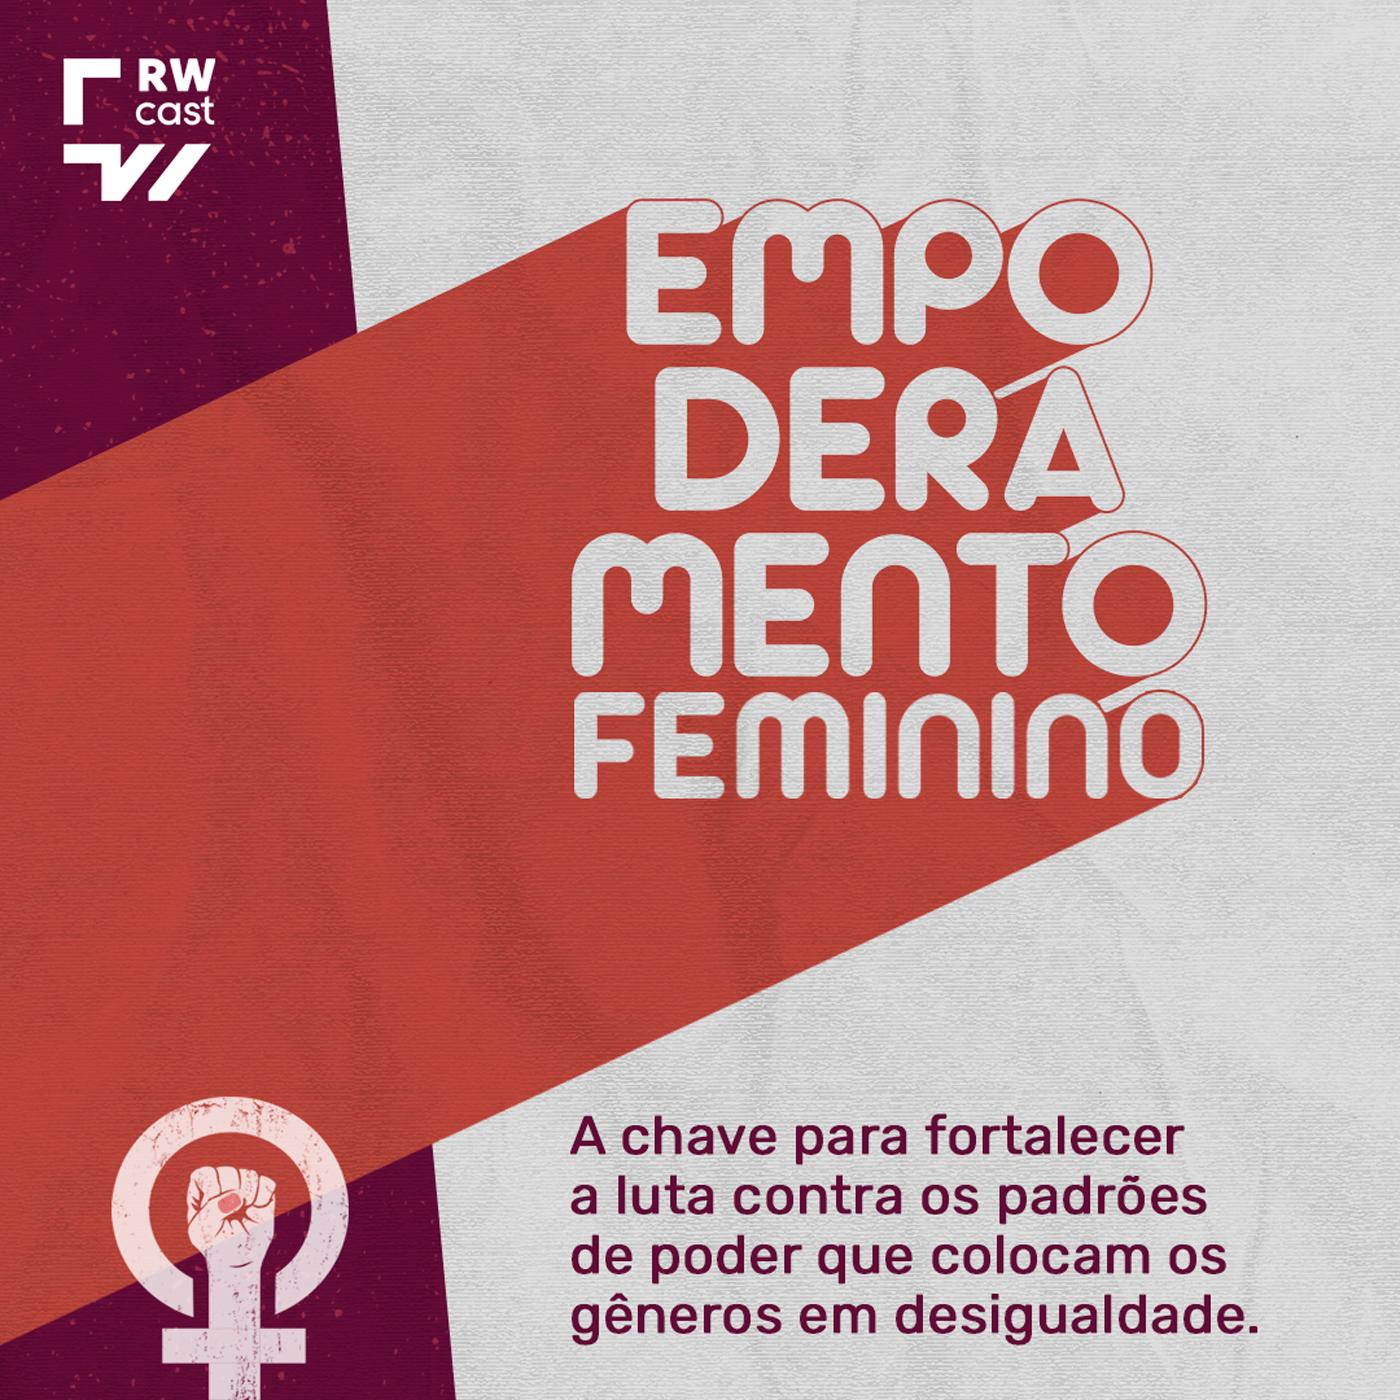 Empoderamento feminino fortalece mulheres na busca por direitos